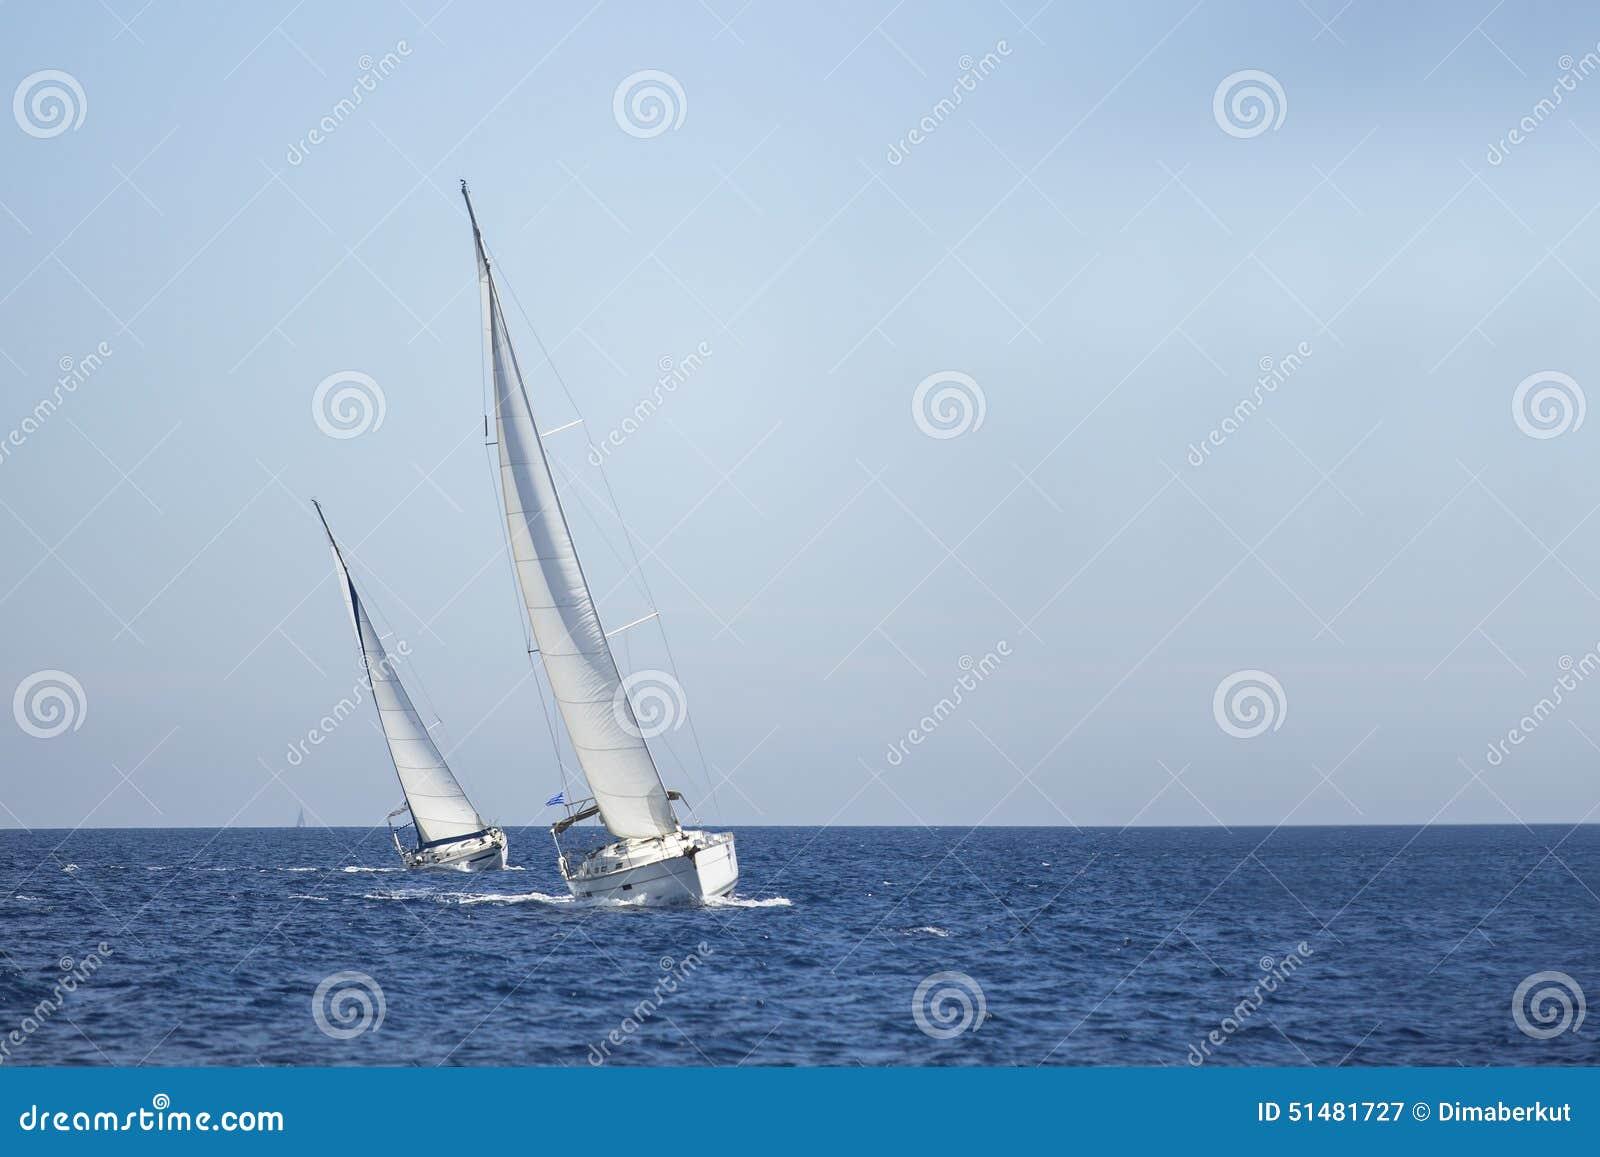 Twee zeilboten op het overzees sailing